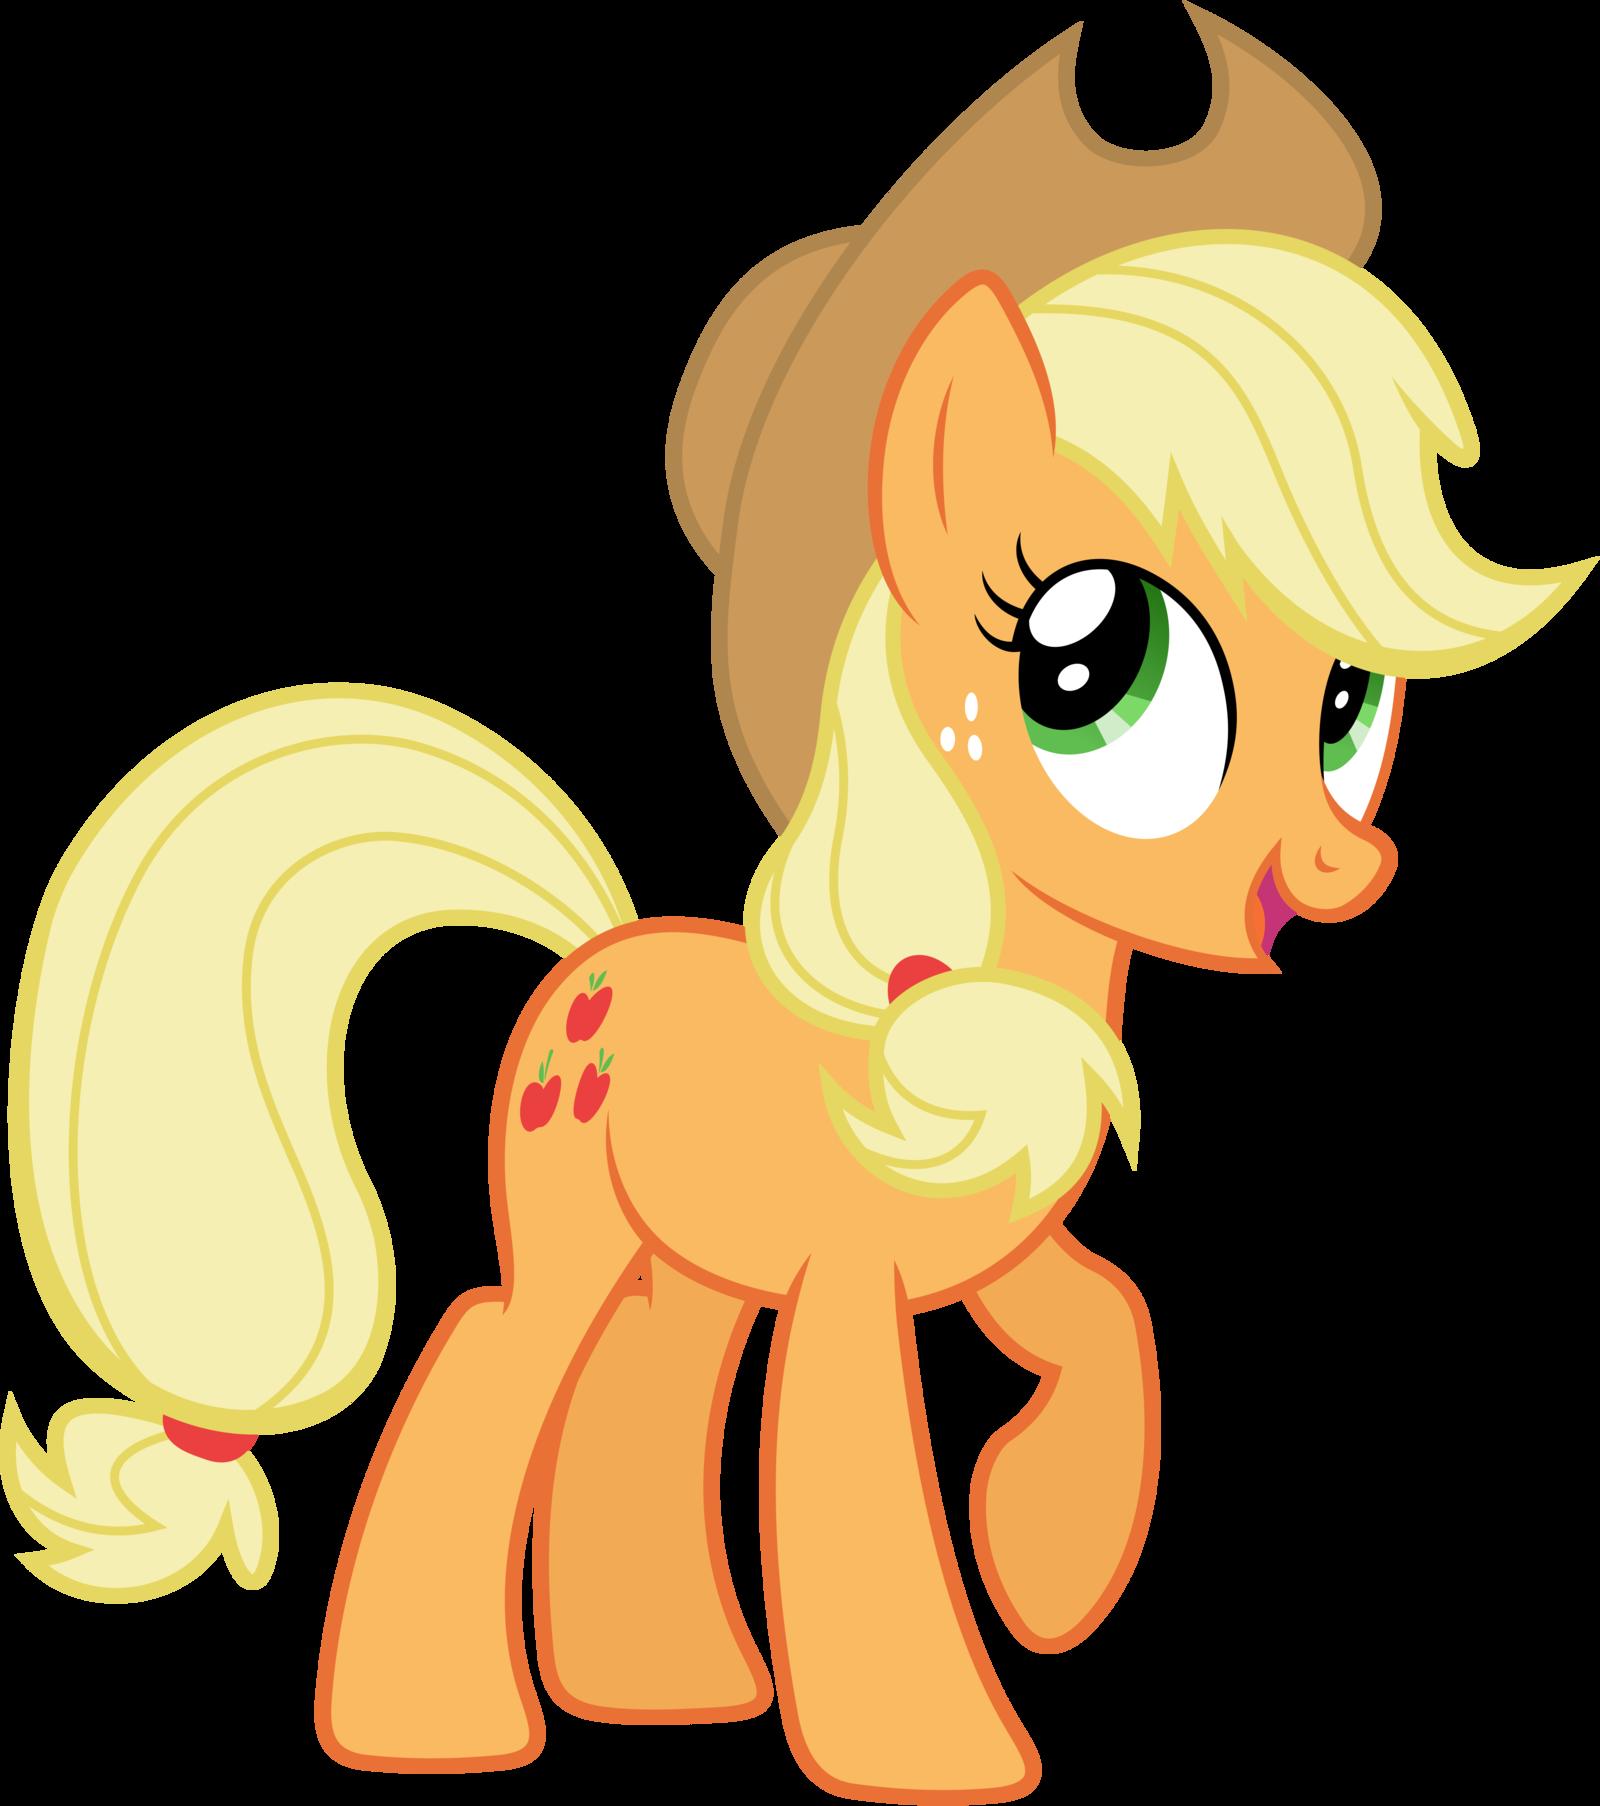 Applejack | My Little Pony | Pinterest | Cumple, Bellisima y Dibujo